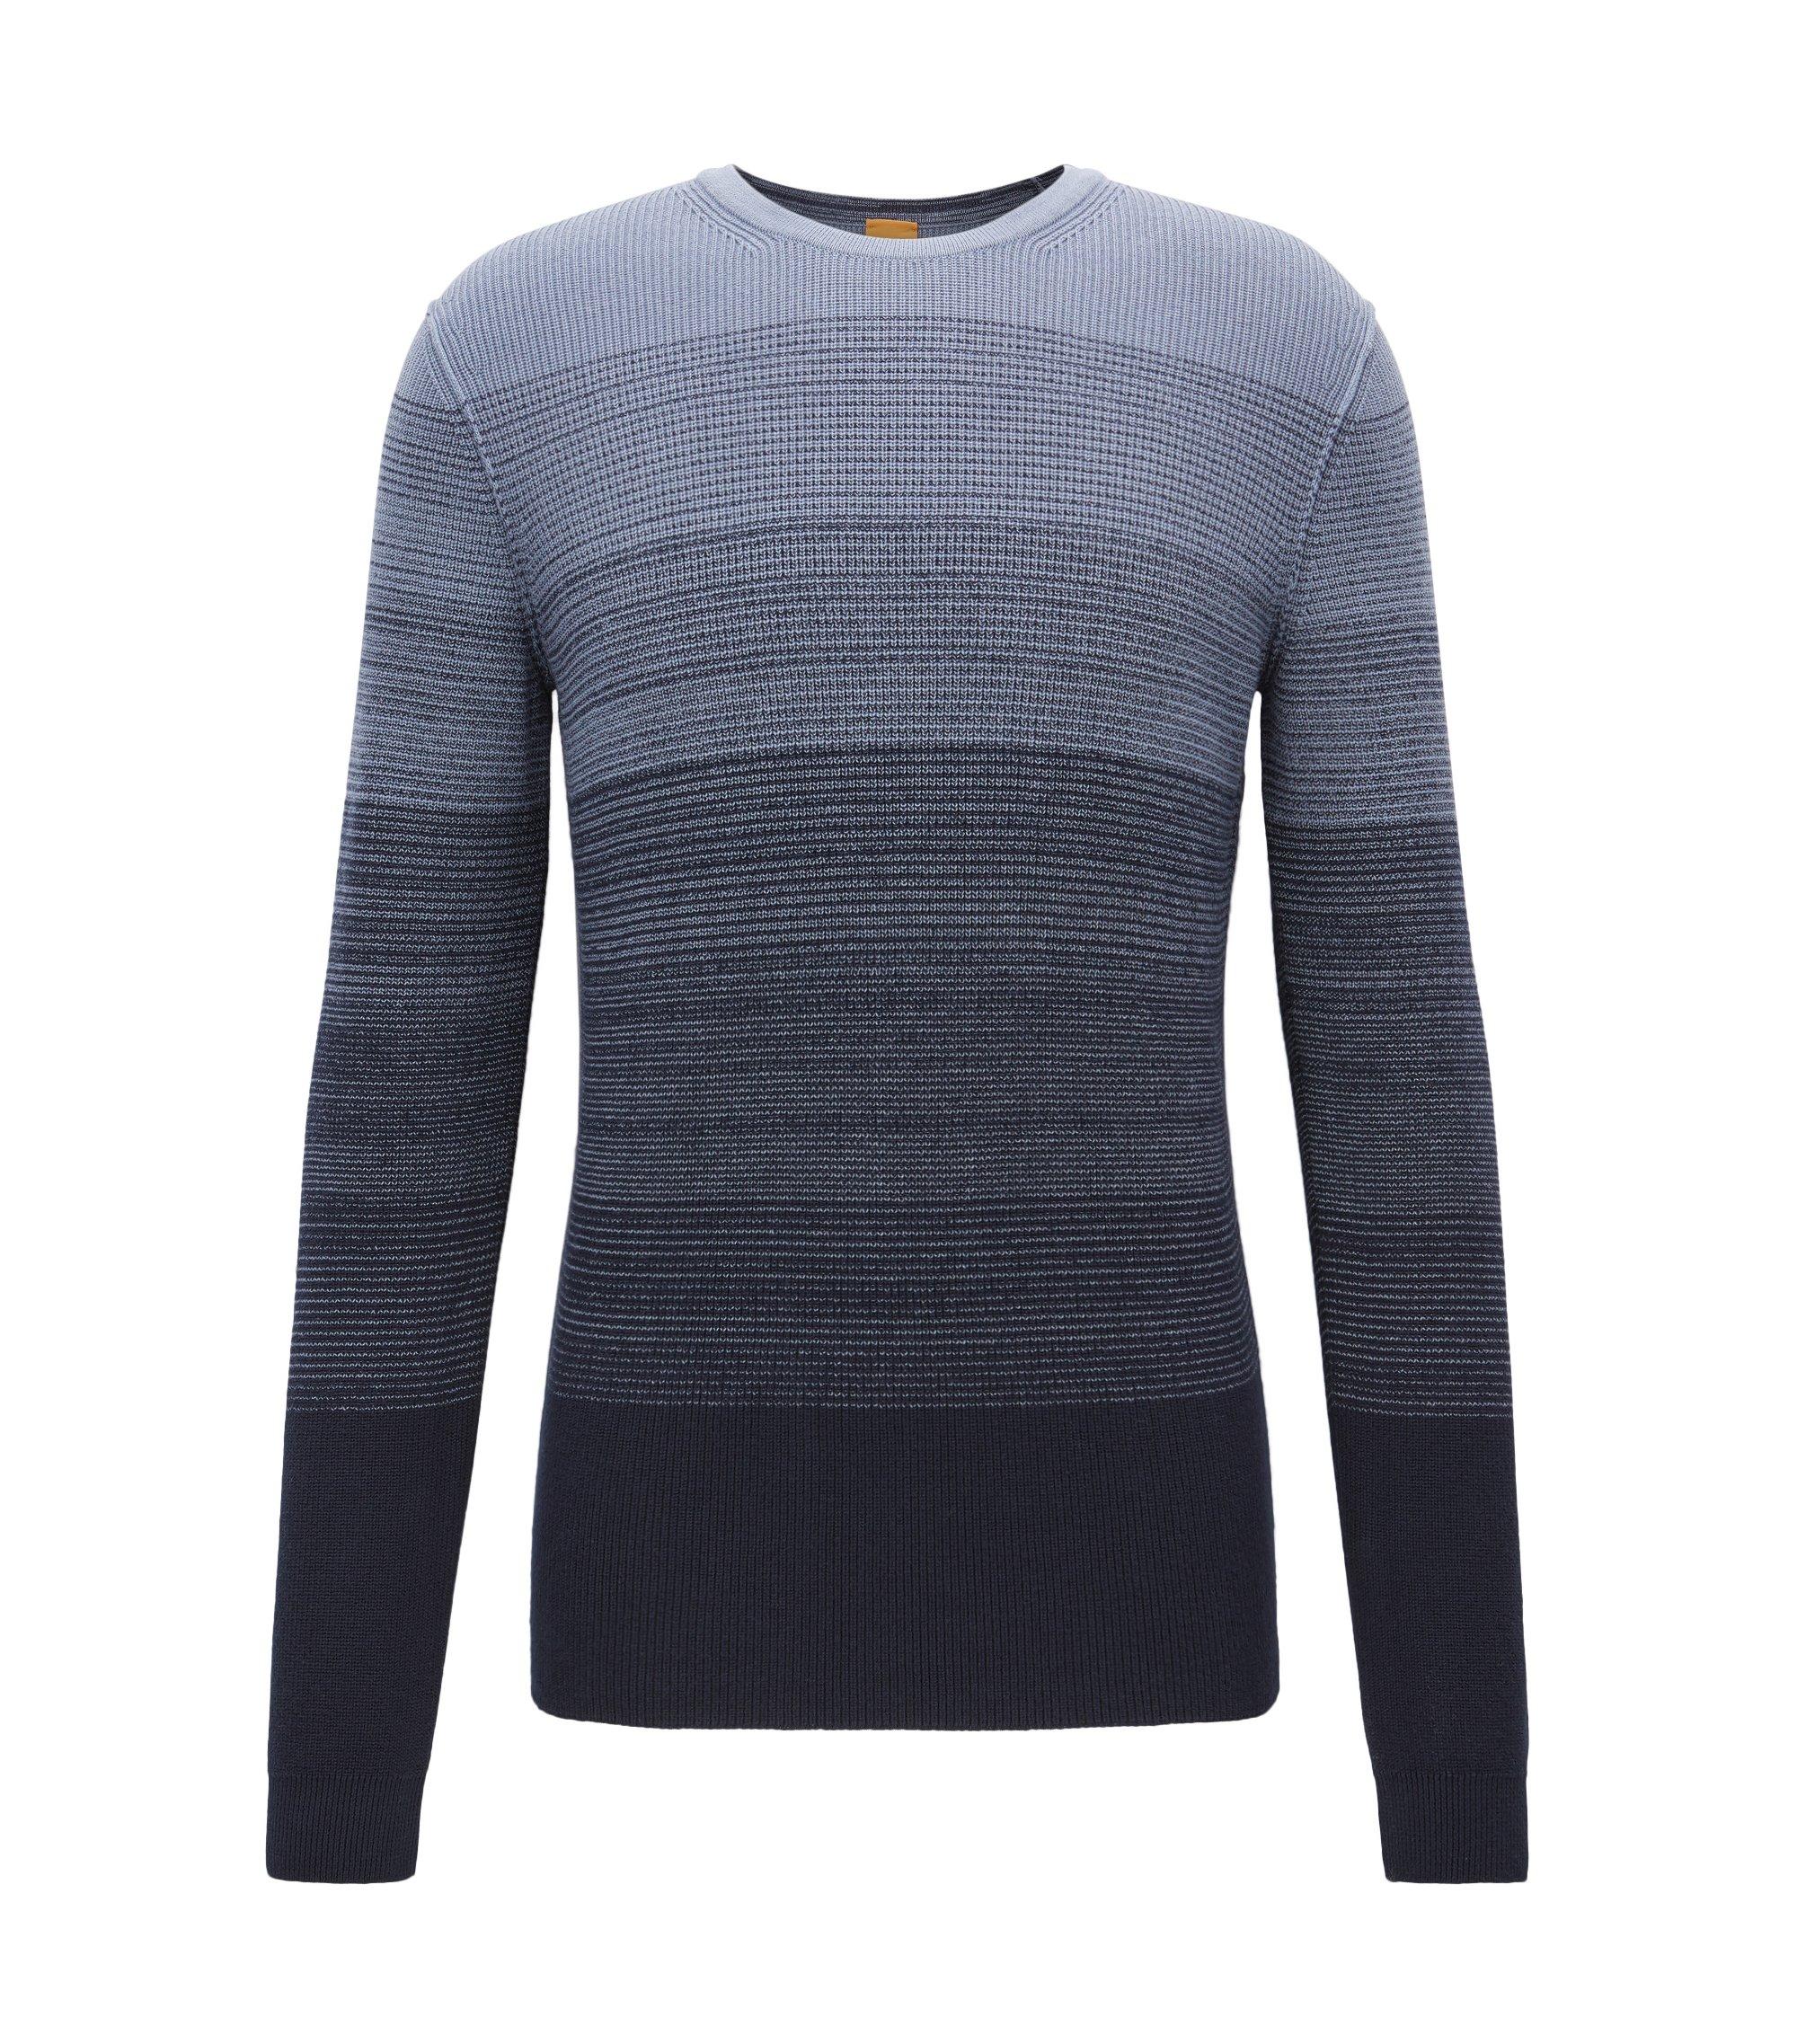 Pullover aus Baumwolle mit Dégradé-Rippstruktur, Dunkelblau